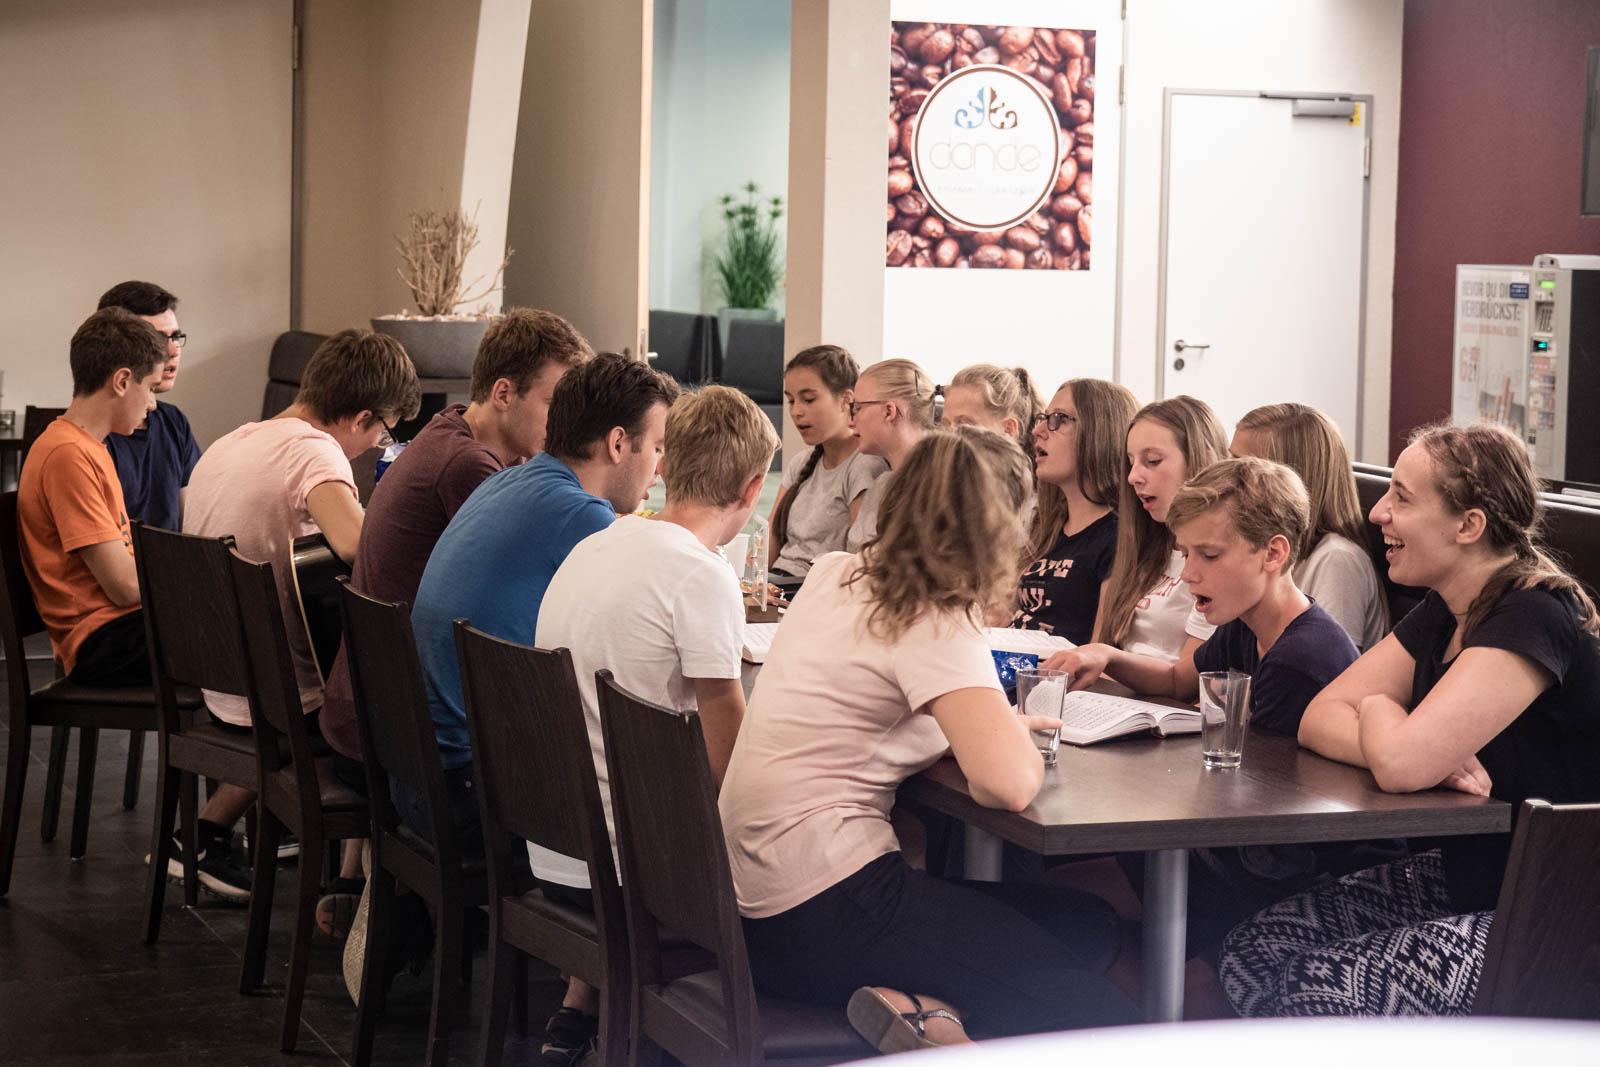 Junge Leute Im Gemeinsamen Abendlichen Gesang